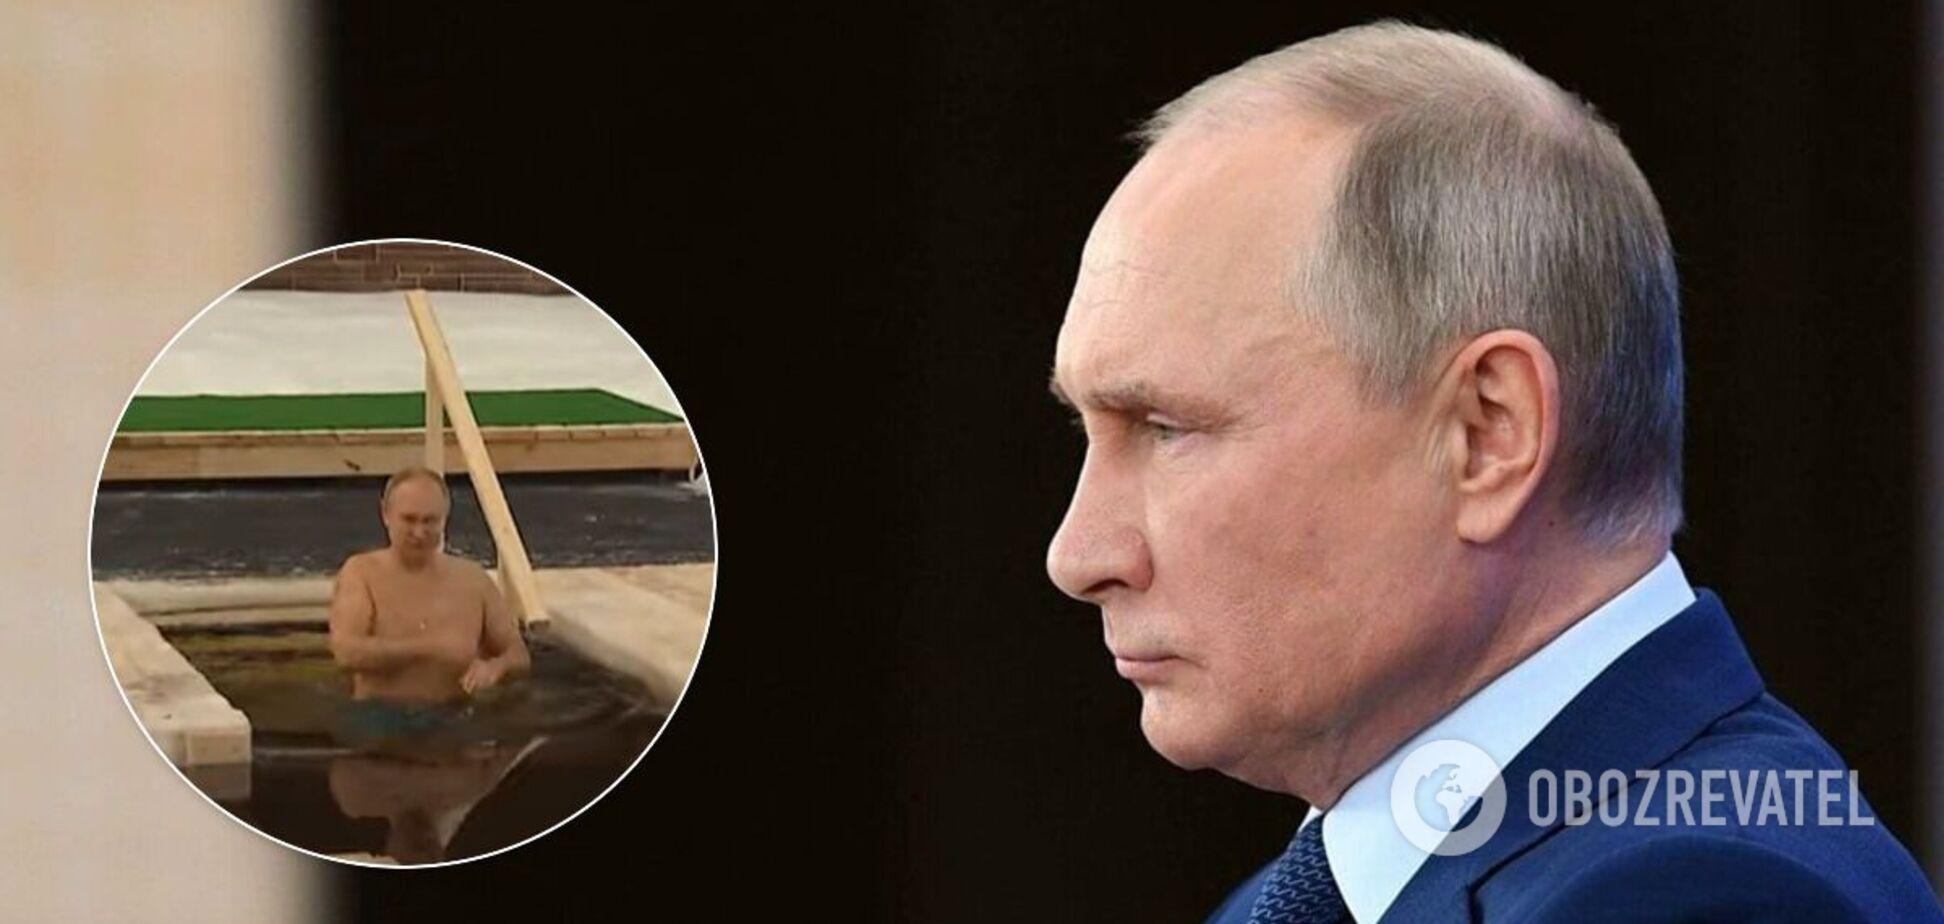 Путін скупався в ополонці й нарвався на жарти про показуху і труси Навального. Відео